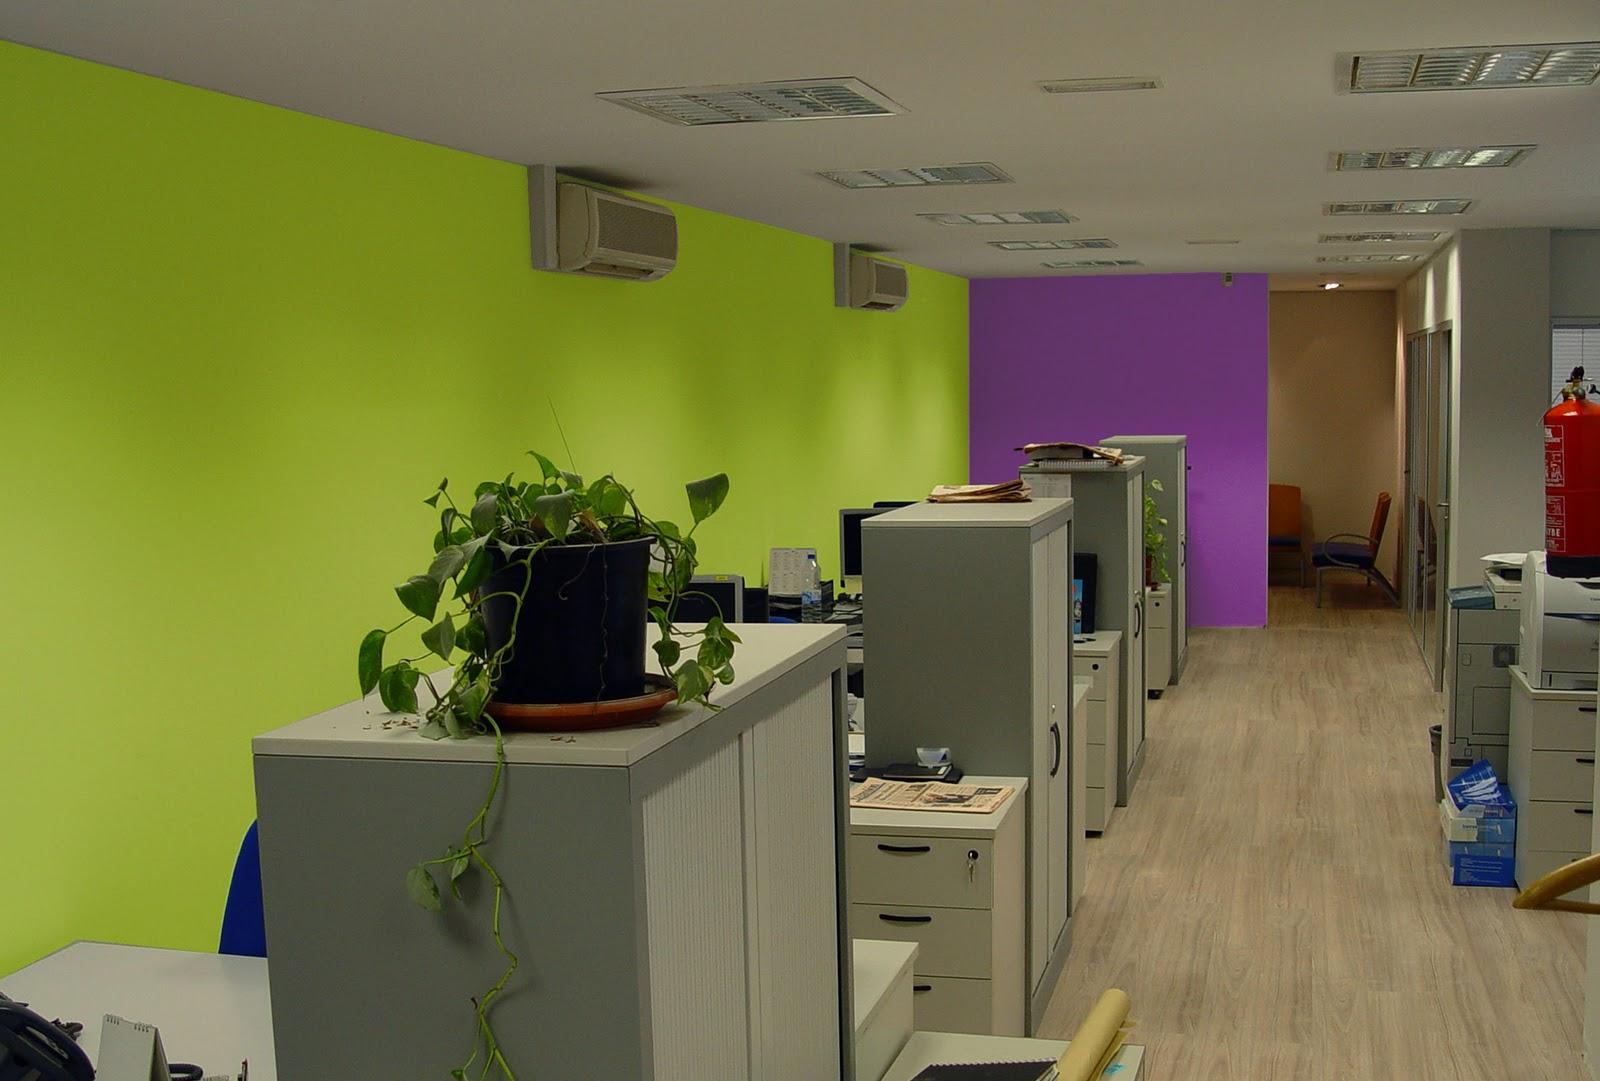 Luis n reforma de las oficinas de acceso group 2009 - Paredes verde pistacho ...